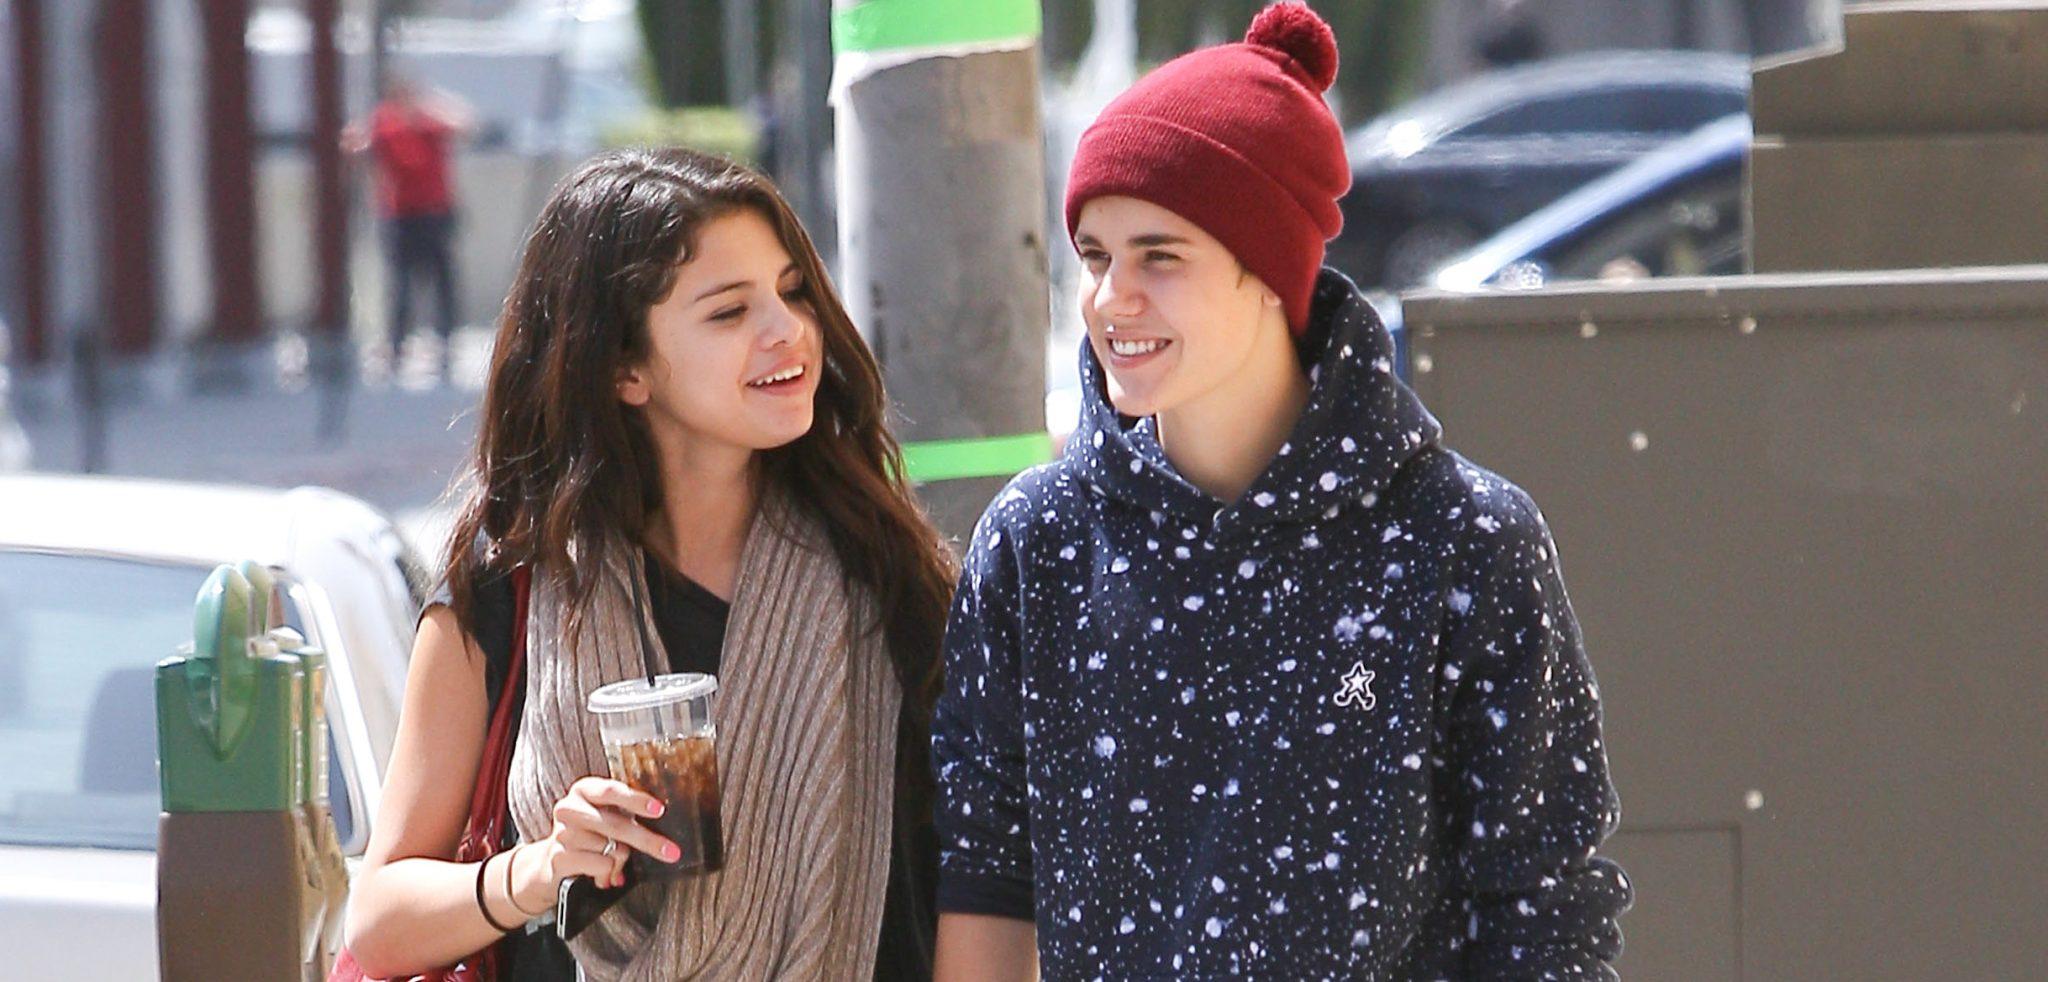 Hackean el Instagram de Selena Gomez y suben foto de Justin Bieber desnudo